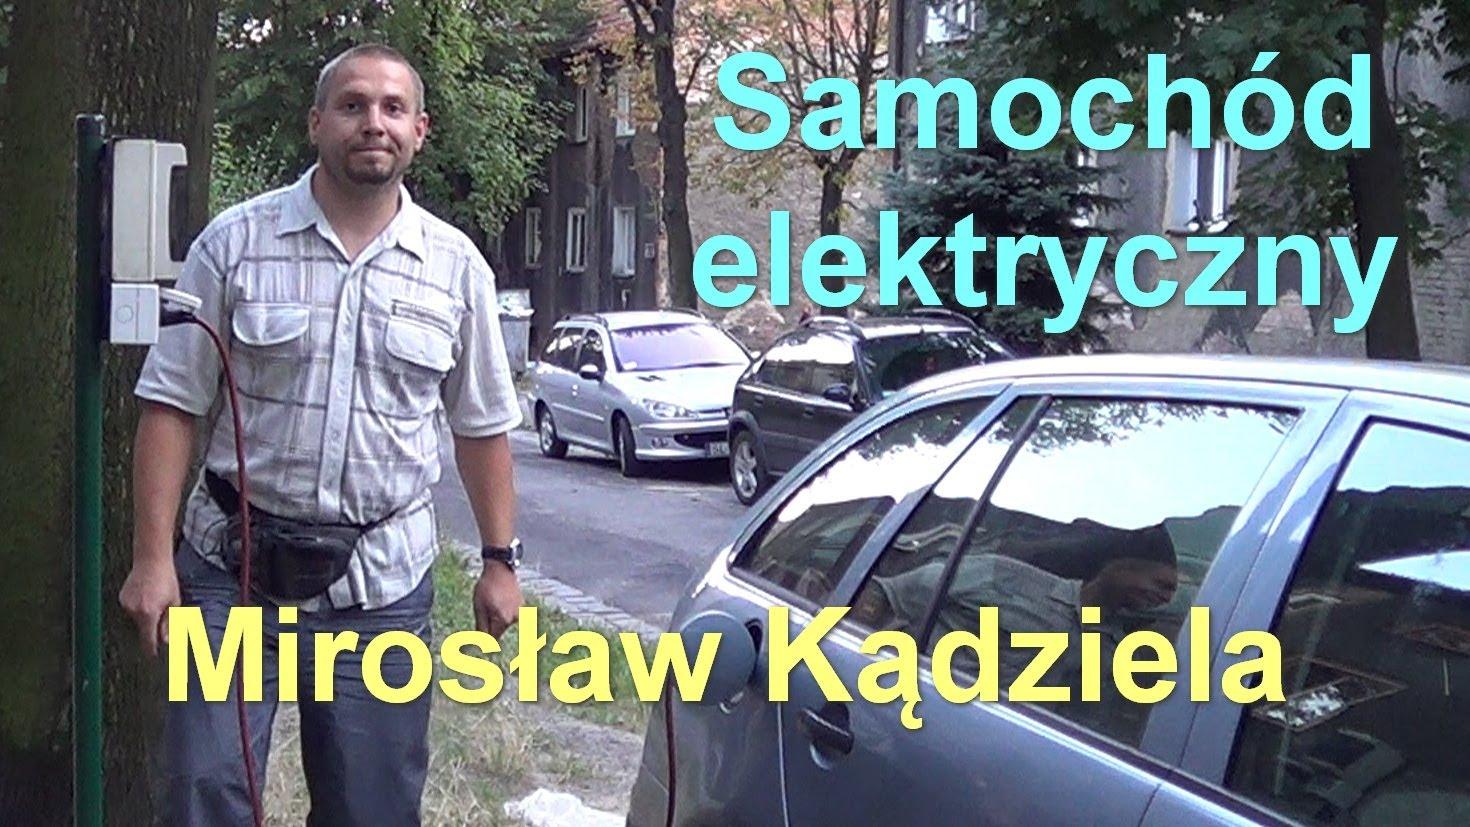 Samochód elektryczny – Mirosław Kądziela